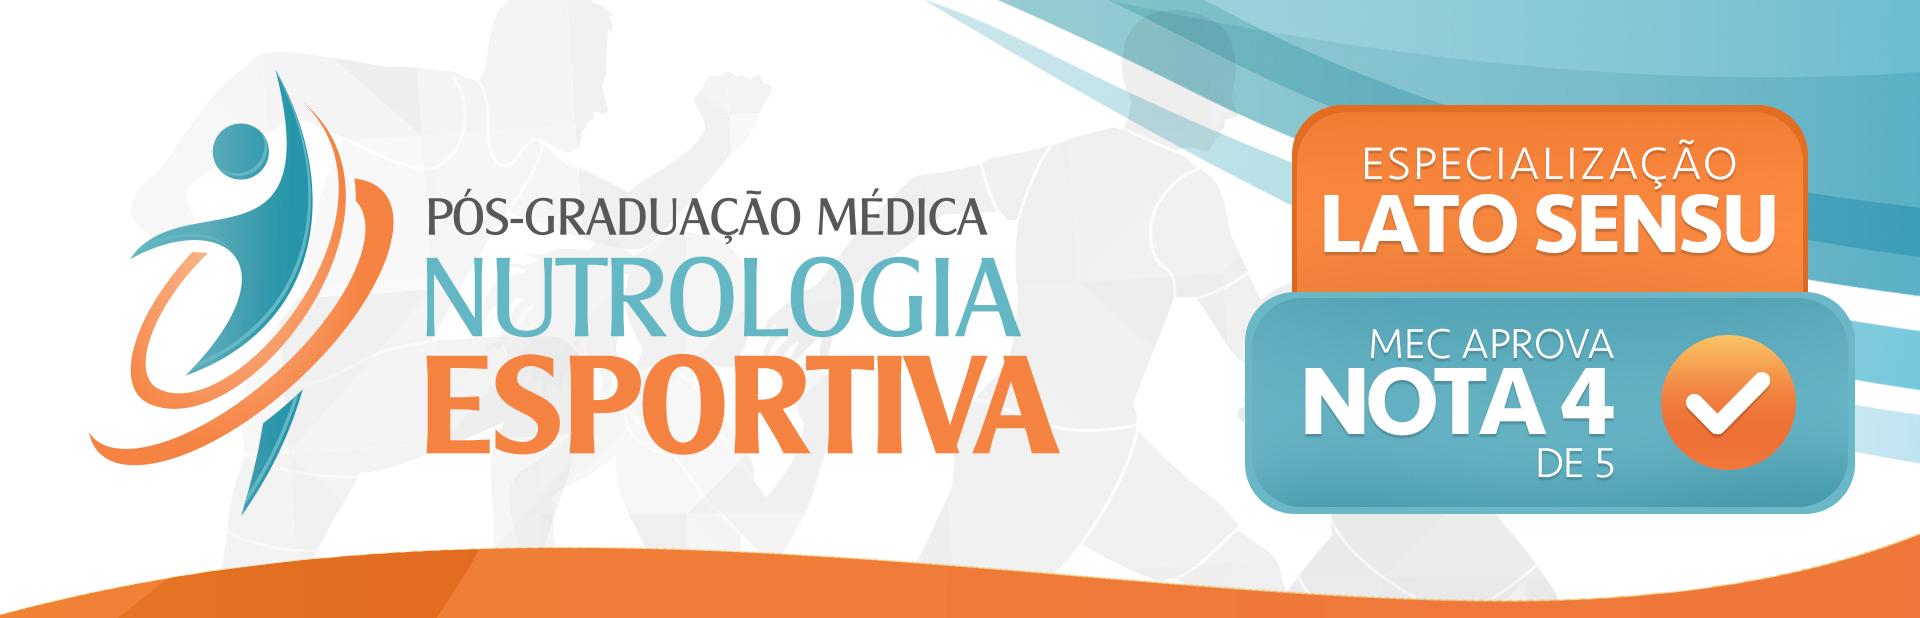 ABRAN - Banner Pós Graduação Nutrologia Esportiva